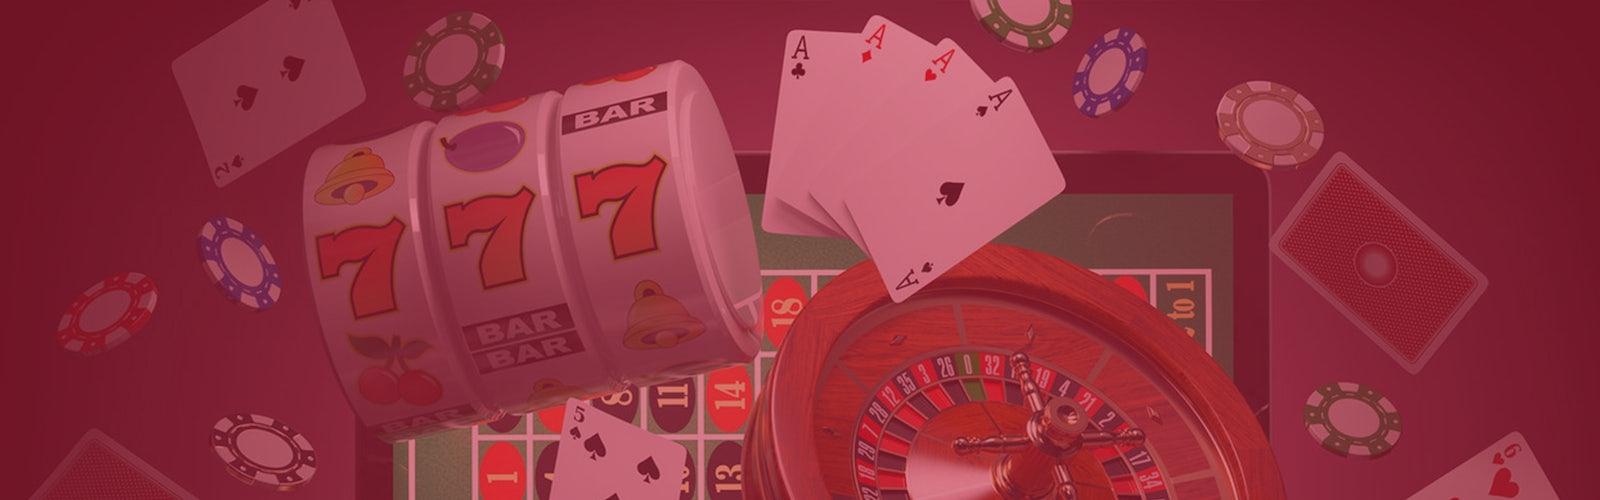 Casino online gratis banner